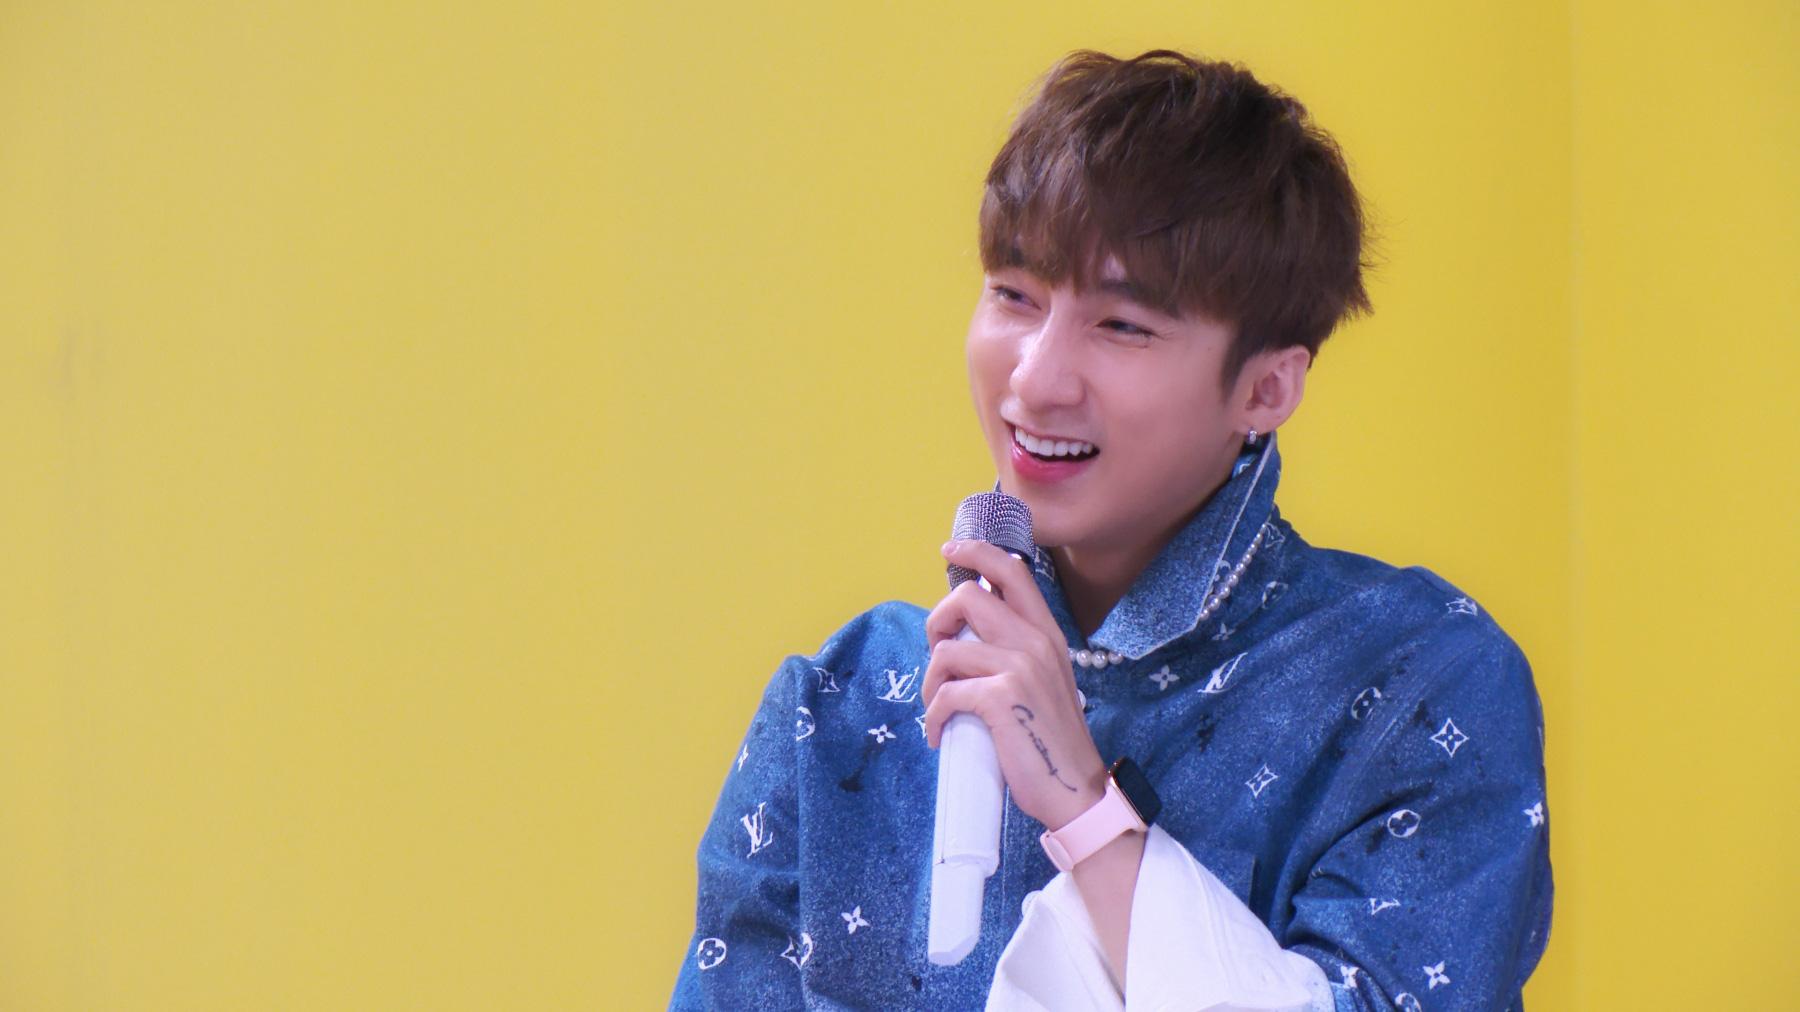 Sơn Tùng M-TP lần đầu biểu diễn ca khúc 68 triệu view - Ảnh 1.